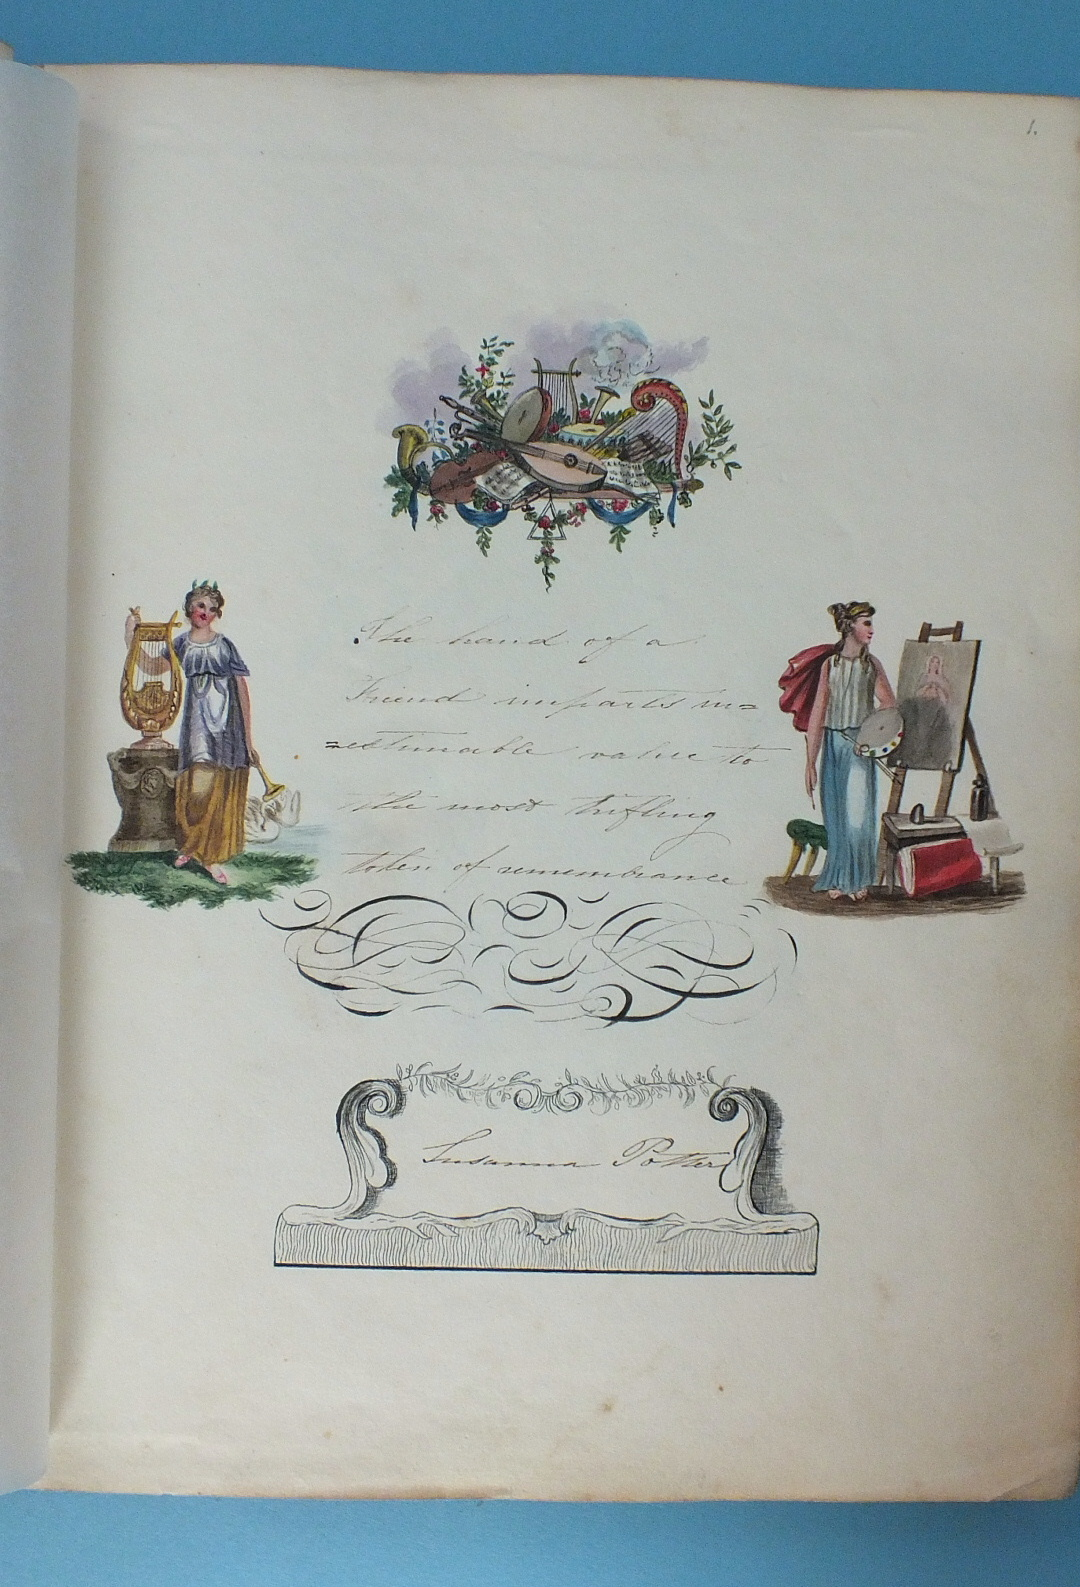 Lot 33 - The Lewis Album 1811-1860, Susanna Lewis nee Potter, a 19th century album of watercolours, pencil